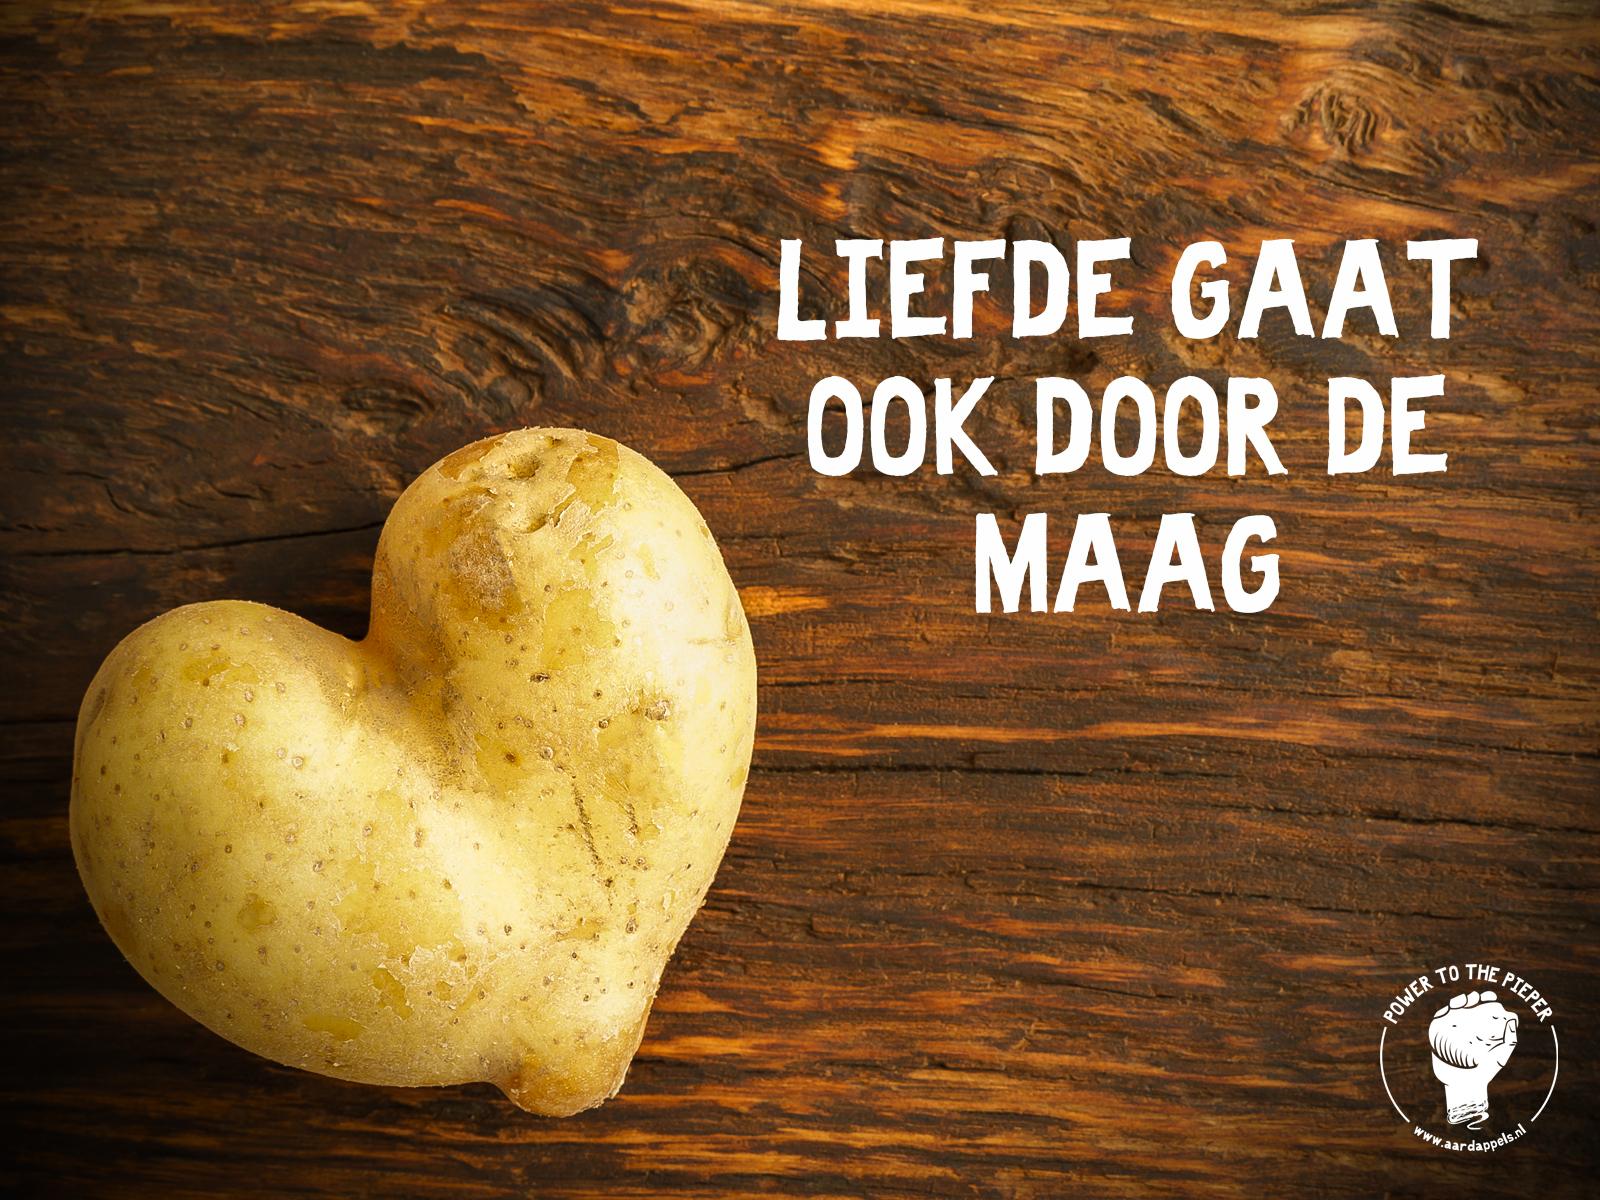 Jac van den Oord - Valentijnsdag! Liefde gaat door de maag!